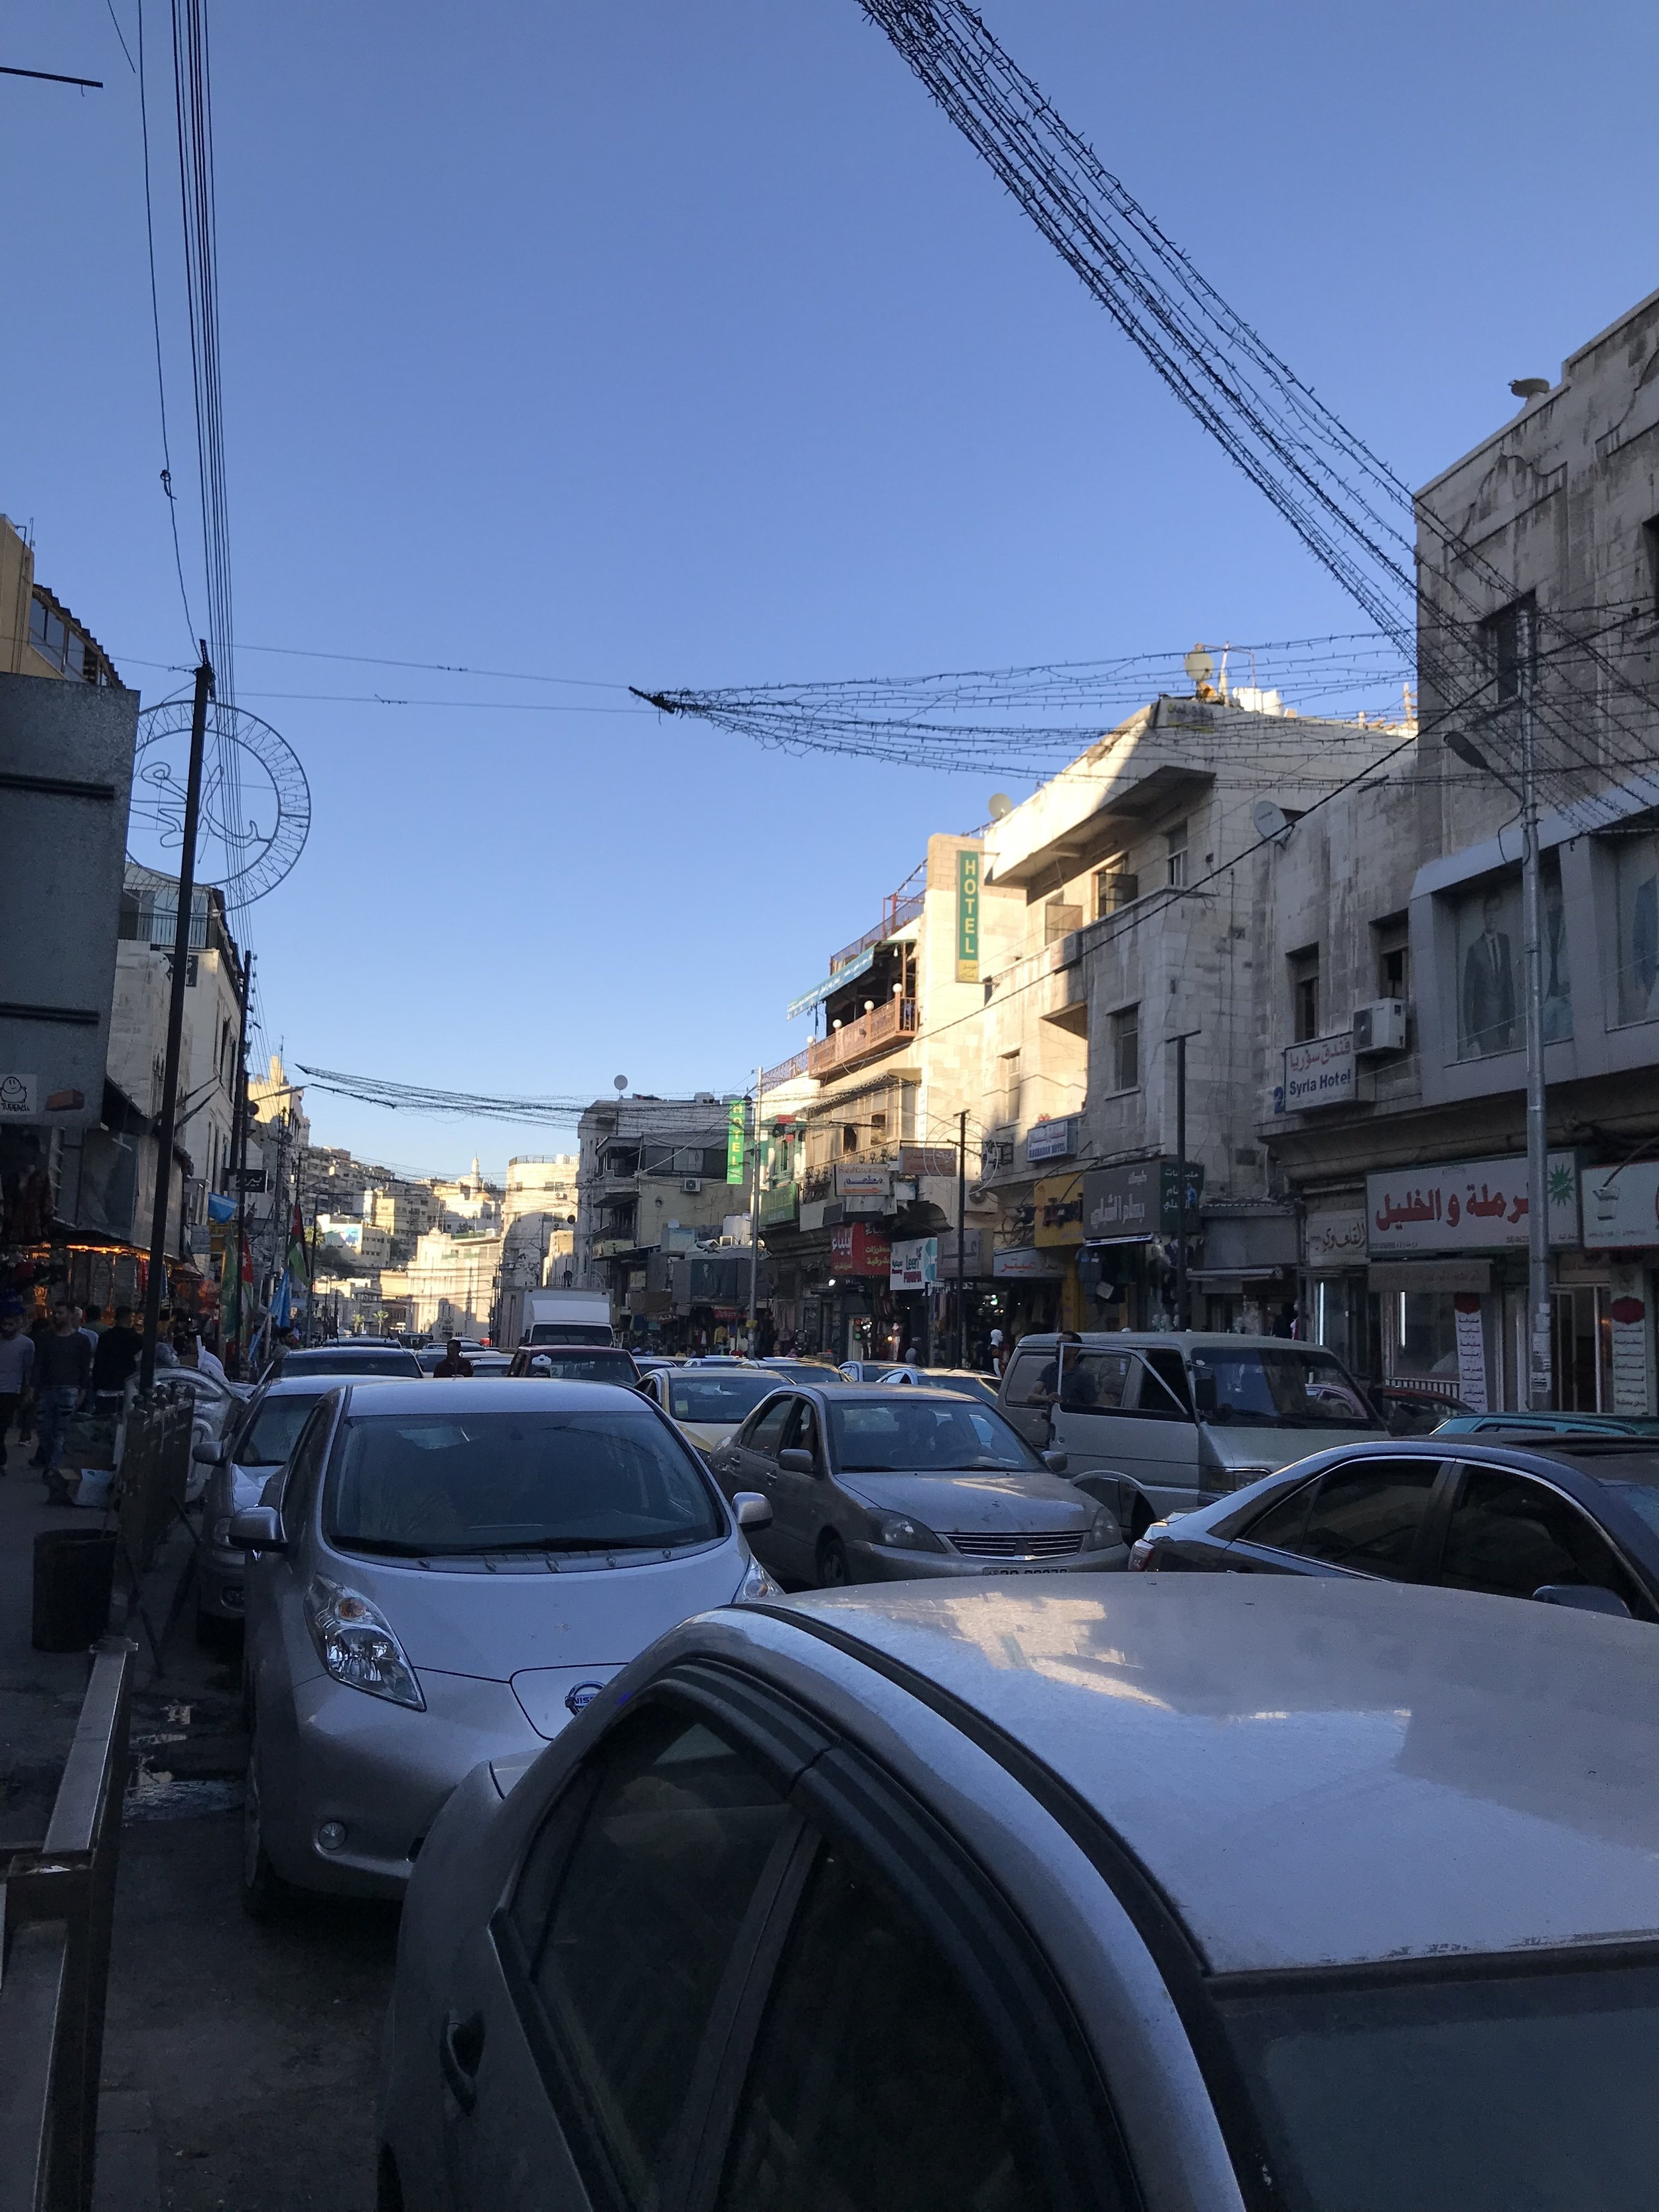 进入老城区时的主街交通状况